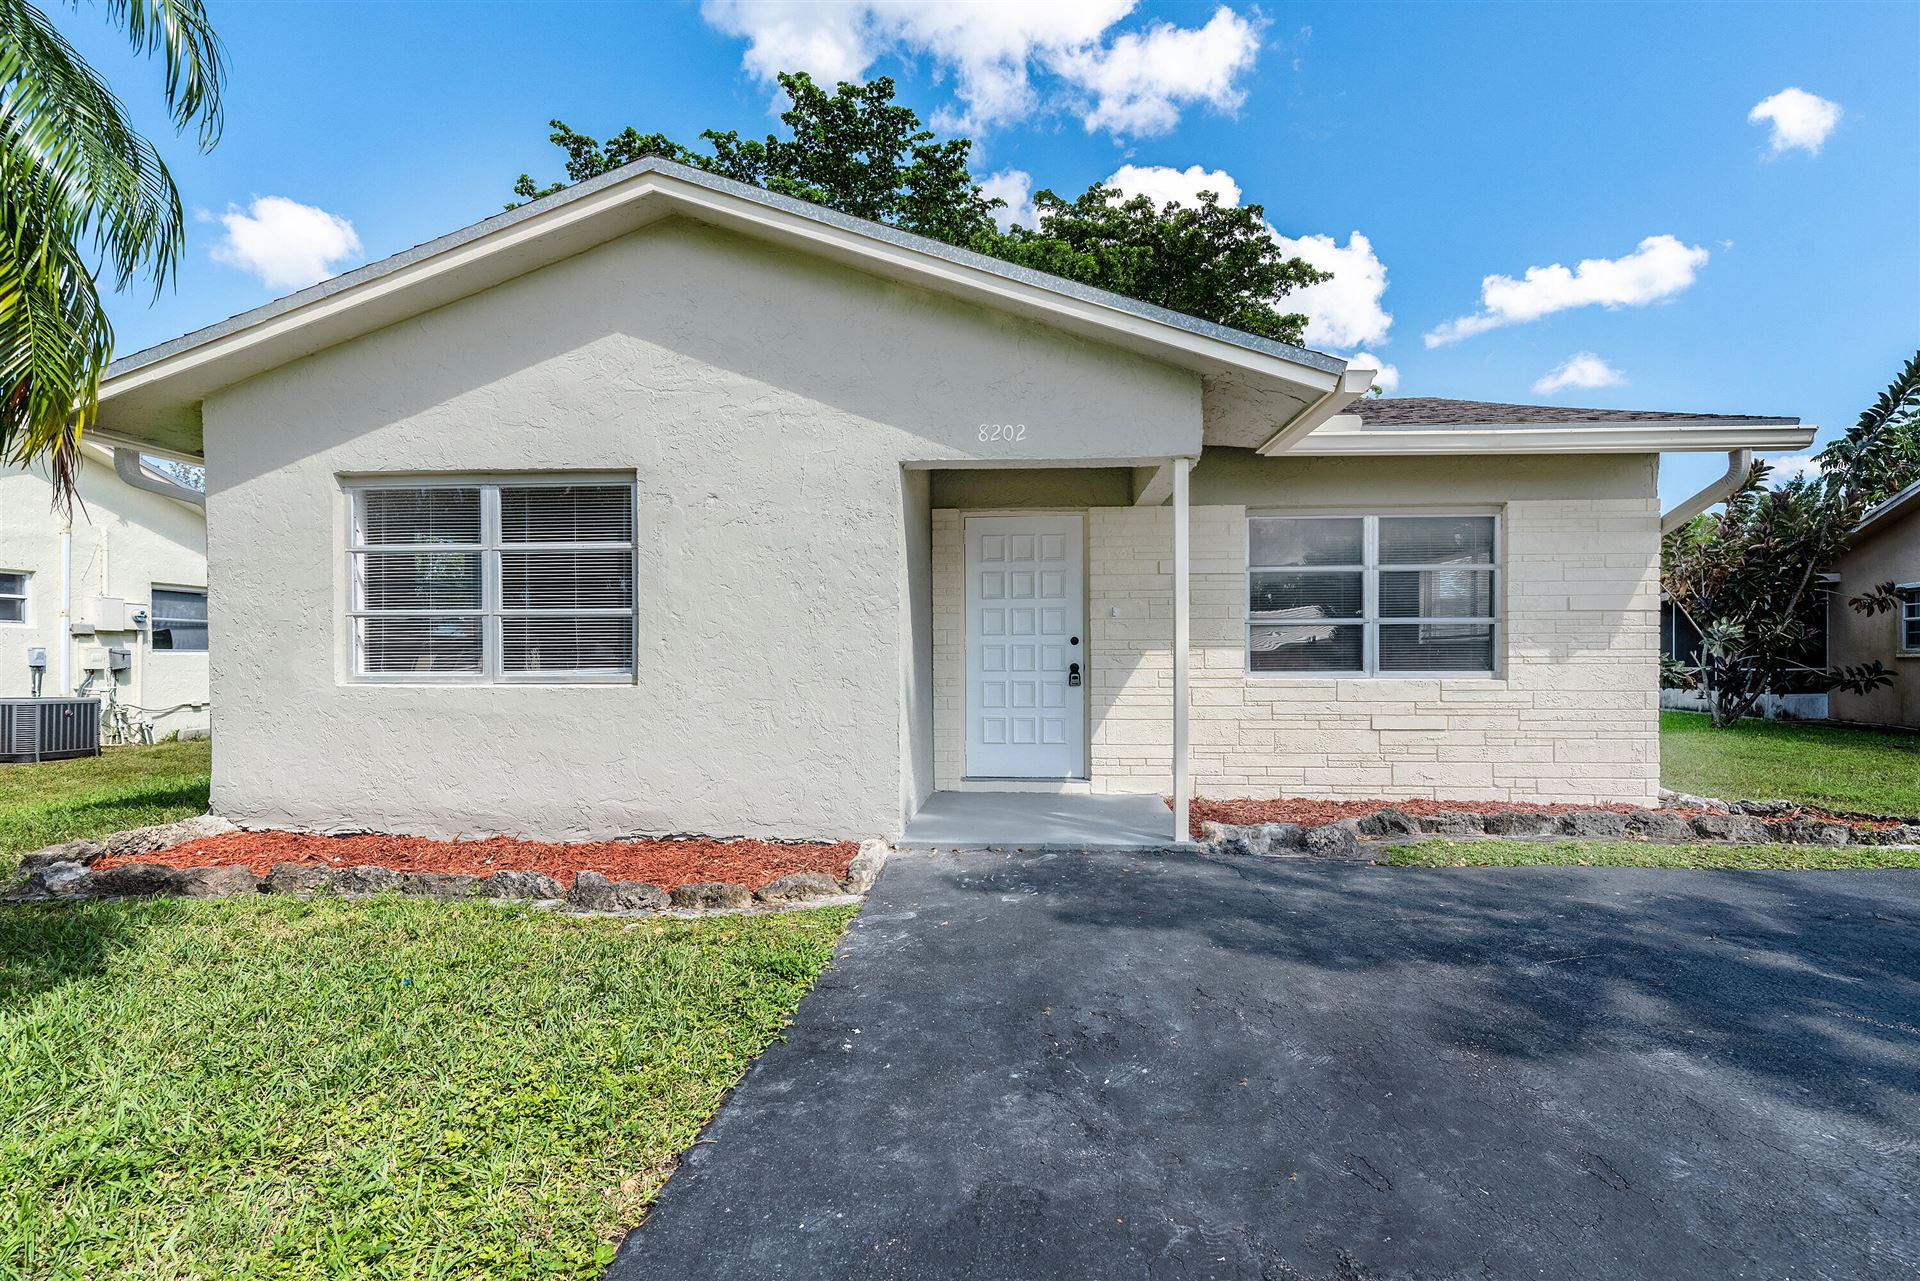 8202 NW 101st Avenue, Tamarac, FL 33321 - MLS#: RX-10750947